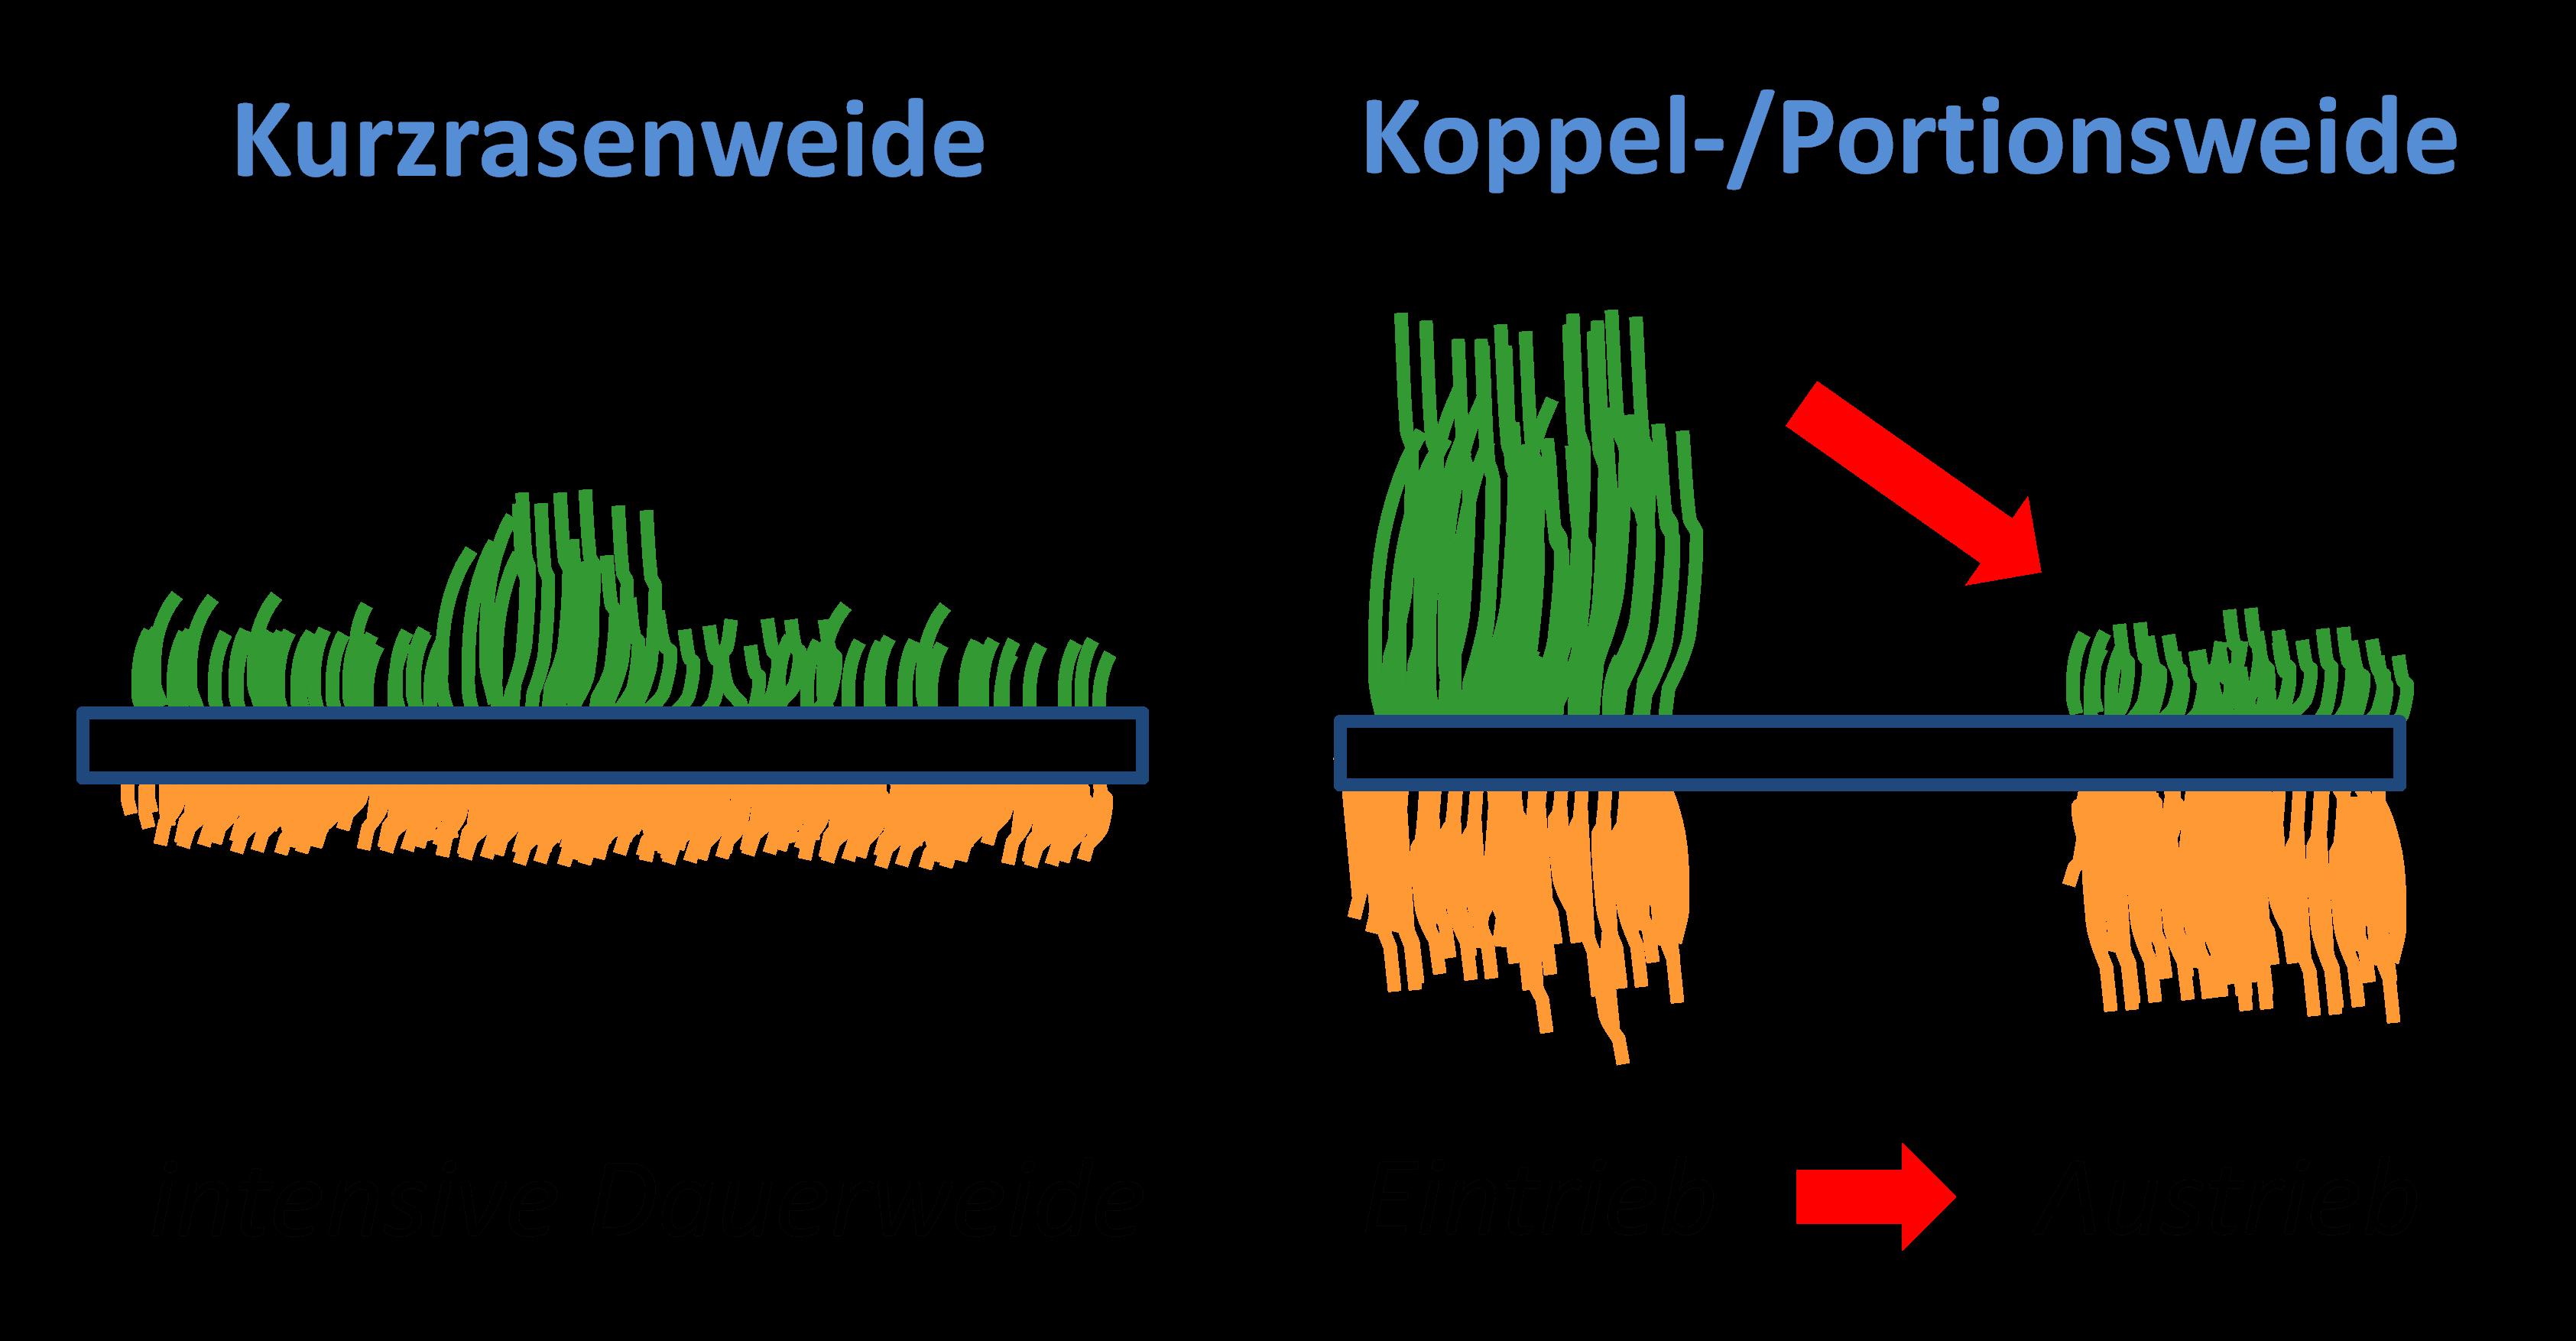 Abbildung: Auch die Wurzeln sind wichtig! Im Forschungsprojekt werden zwei bedeutende Weidesysteme am Bio-Institut der HBLFA Raumberg-Gumpenstein umfassend untersucht